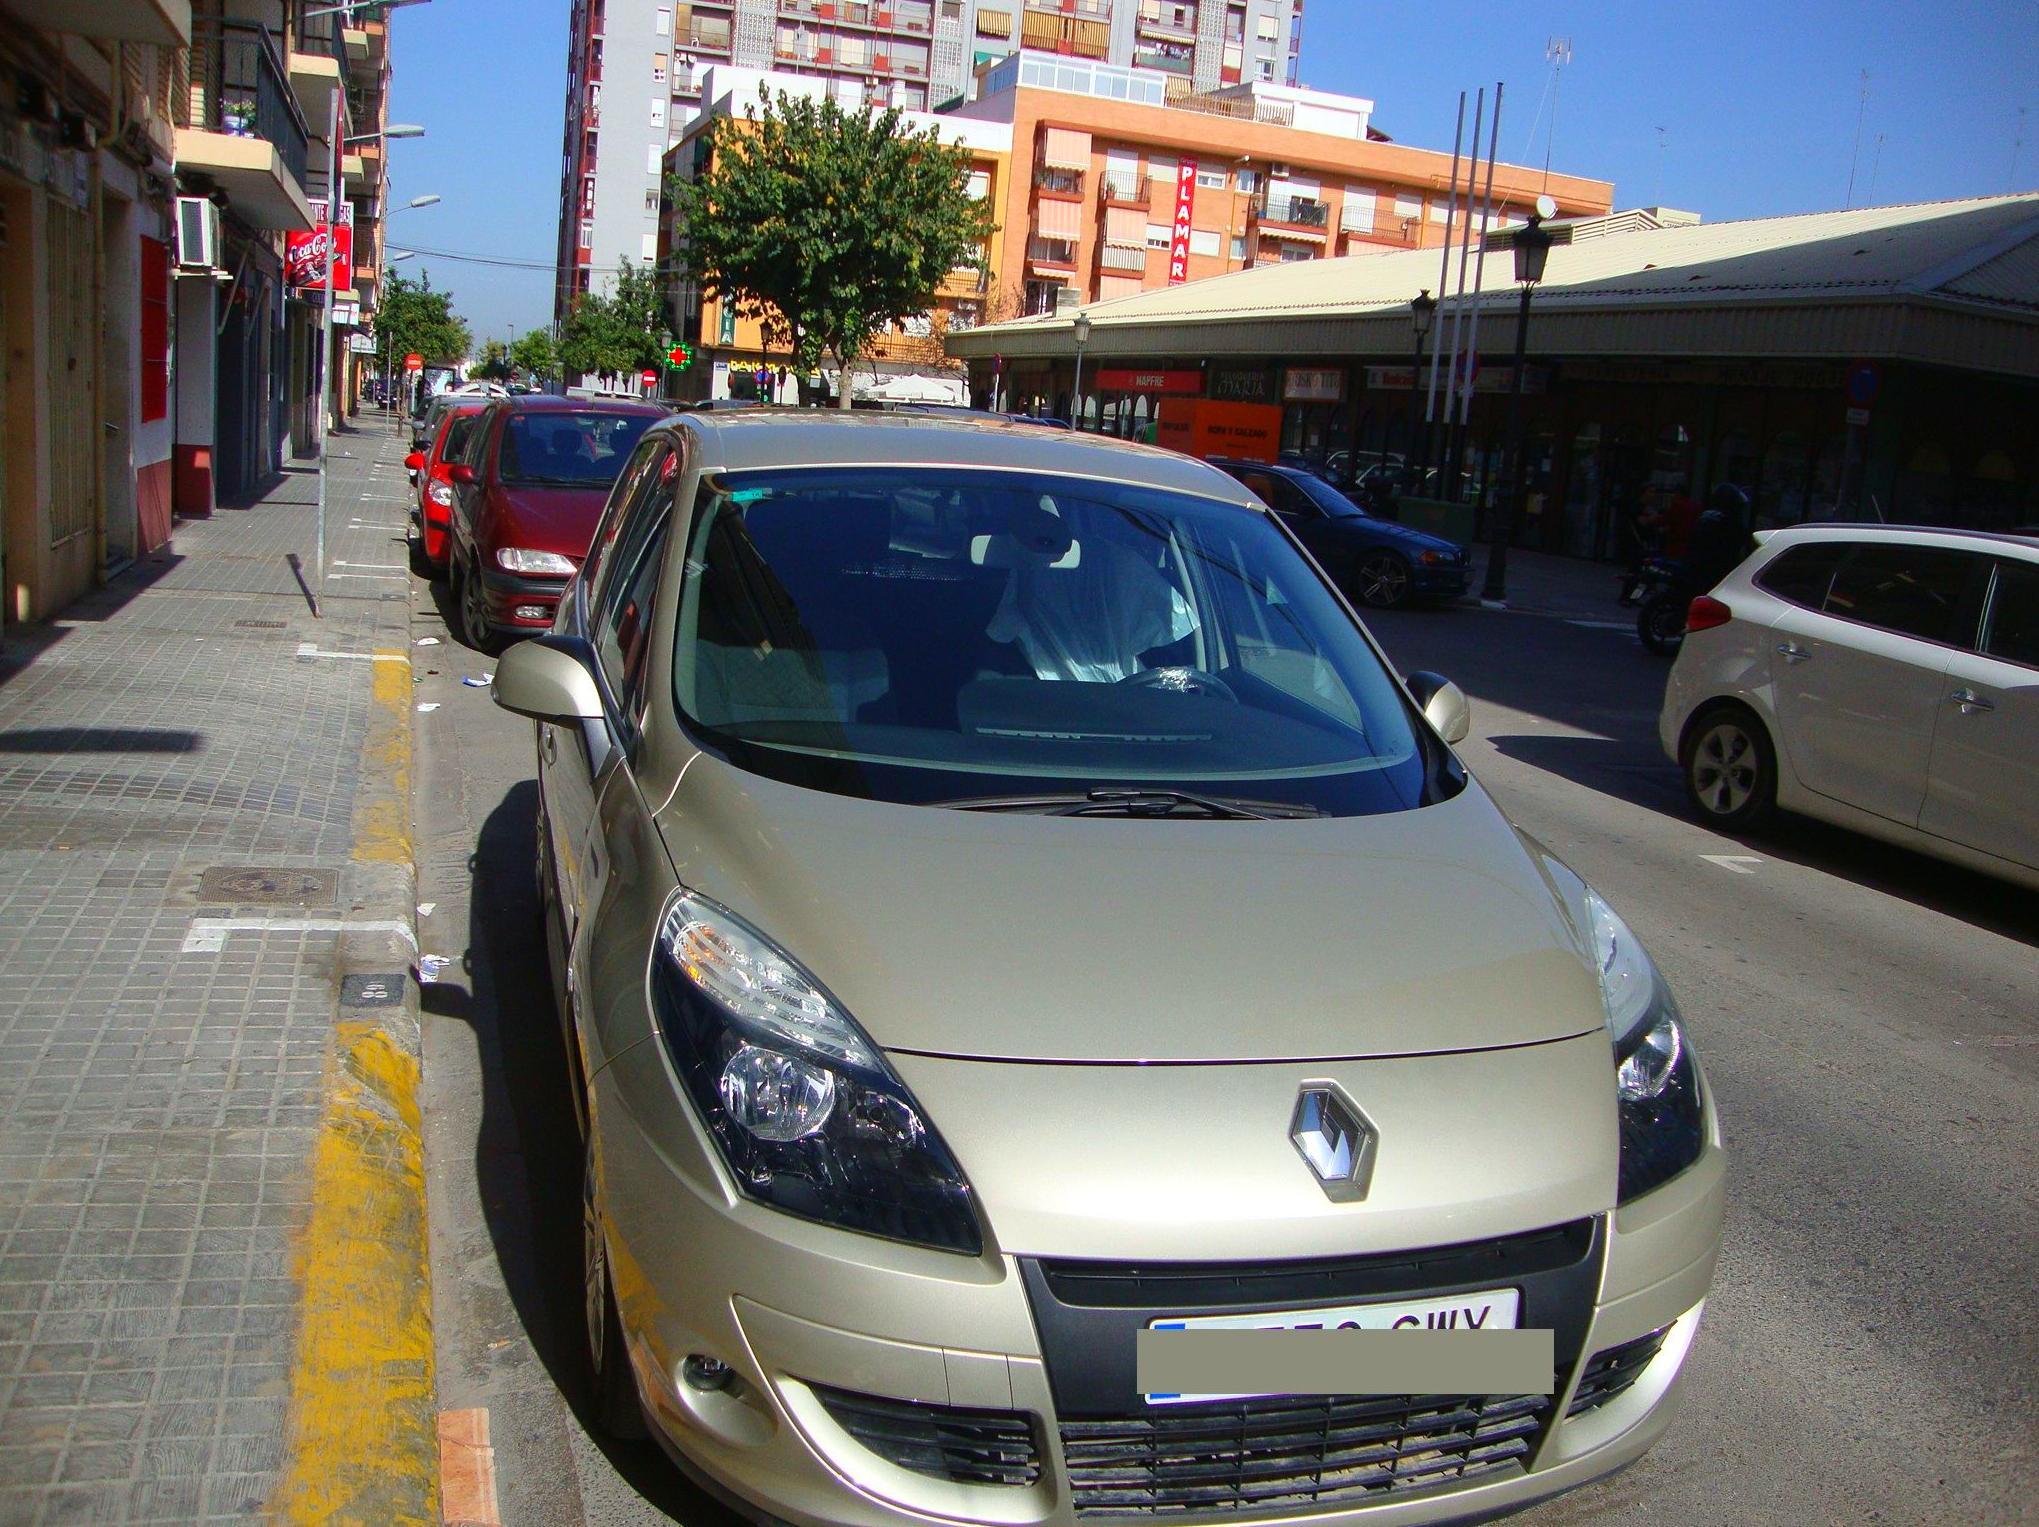 Foto 37 de Talleres de chapa y pintura en Valencia | Talleres Aparicio Autochiquero